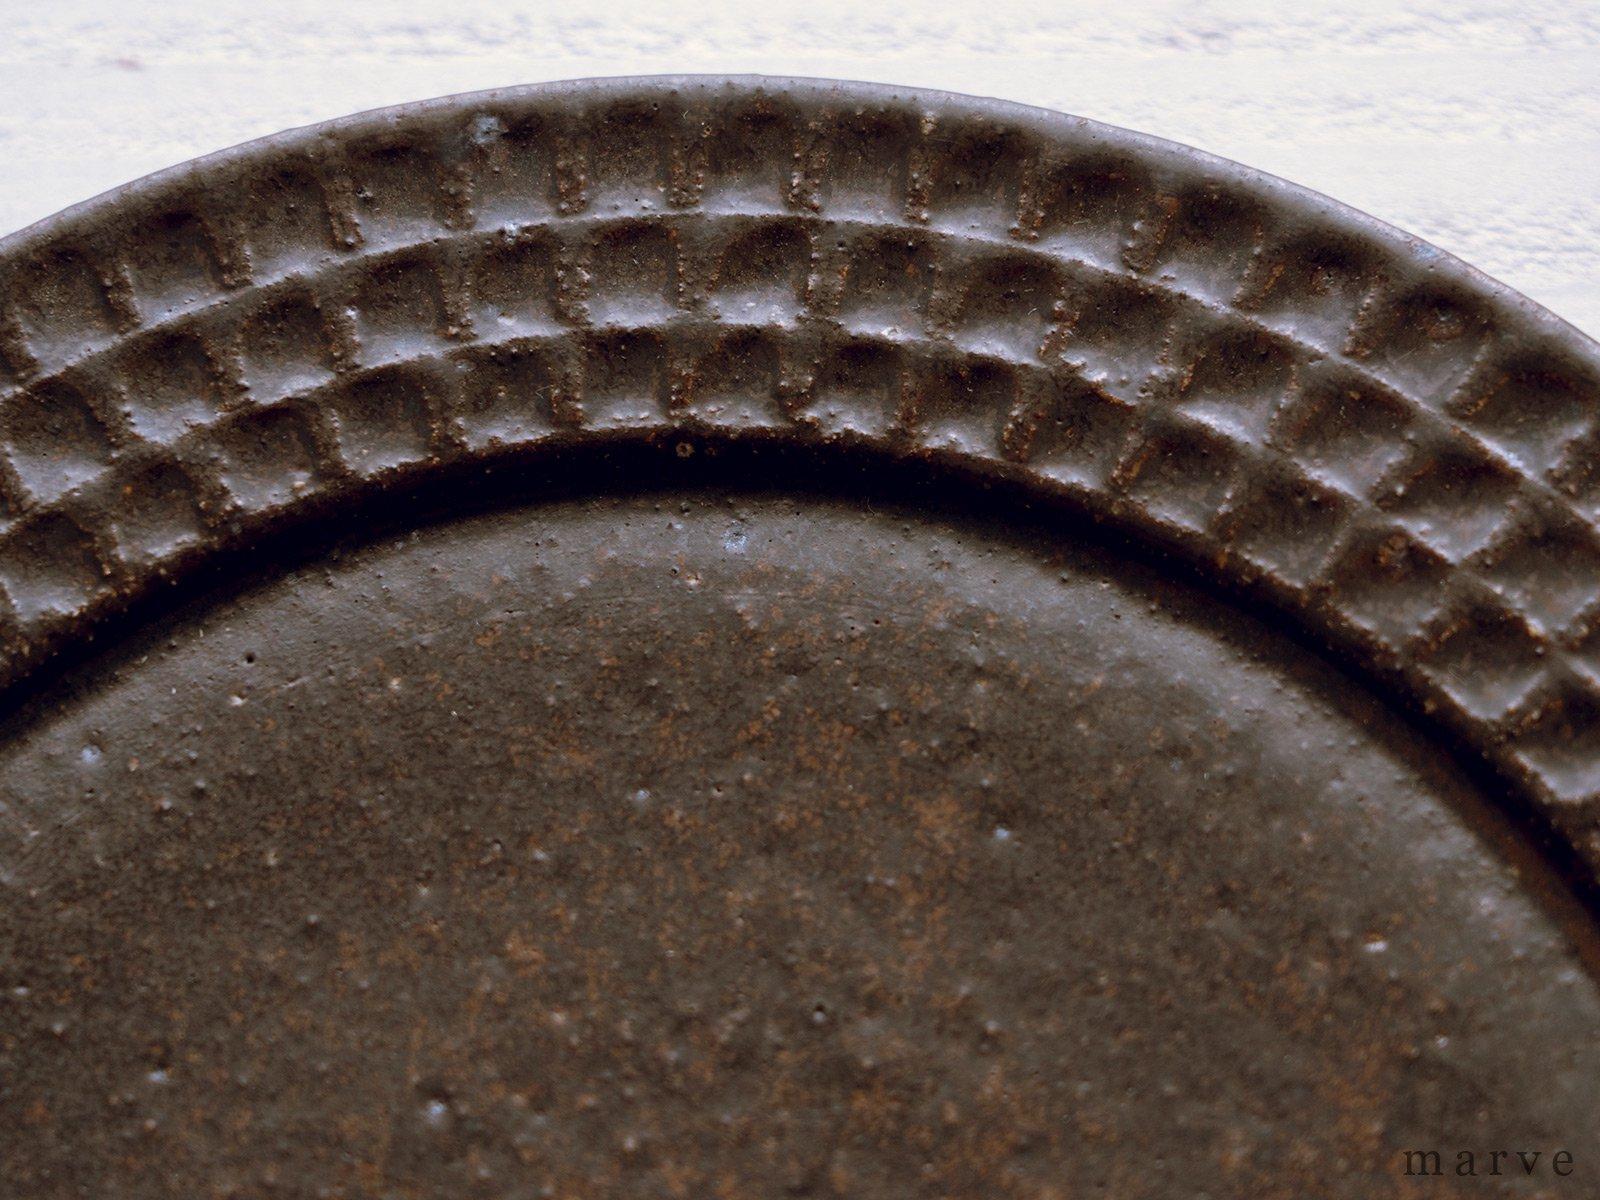 伊藤豊 ブロック柄 7.5寸皿 茶